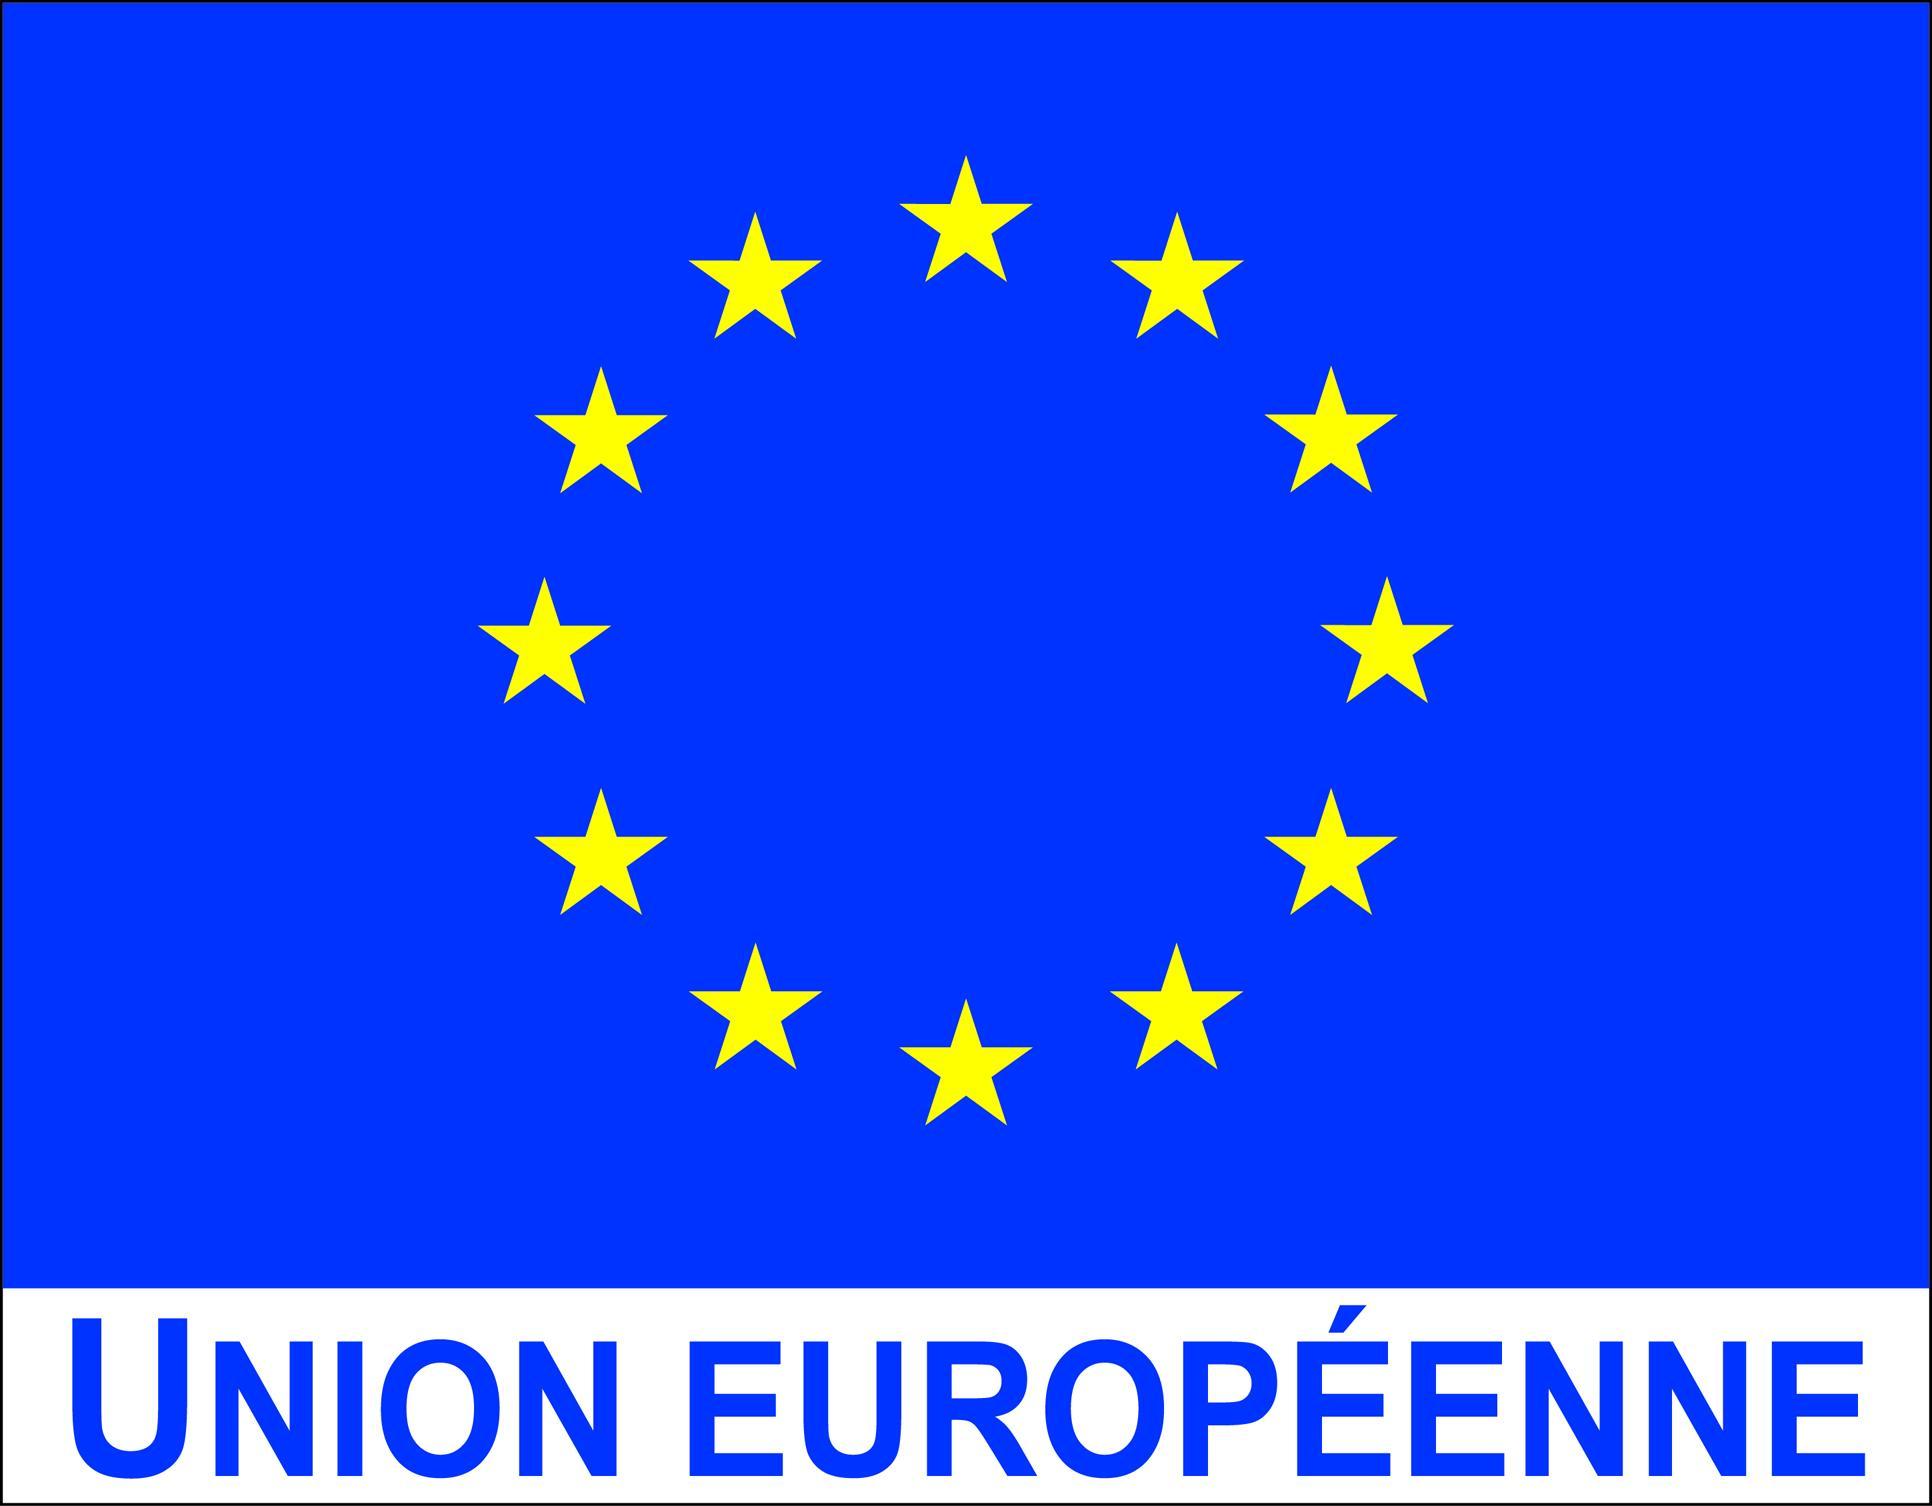 Les drapeaux de l'Europe (1) !